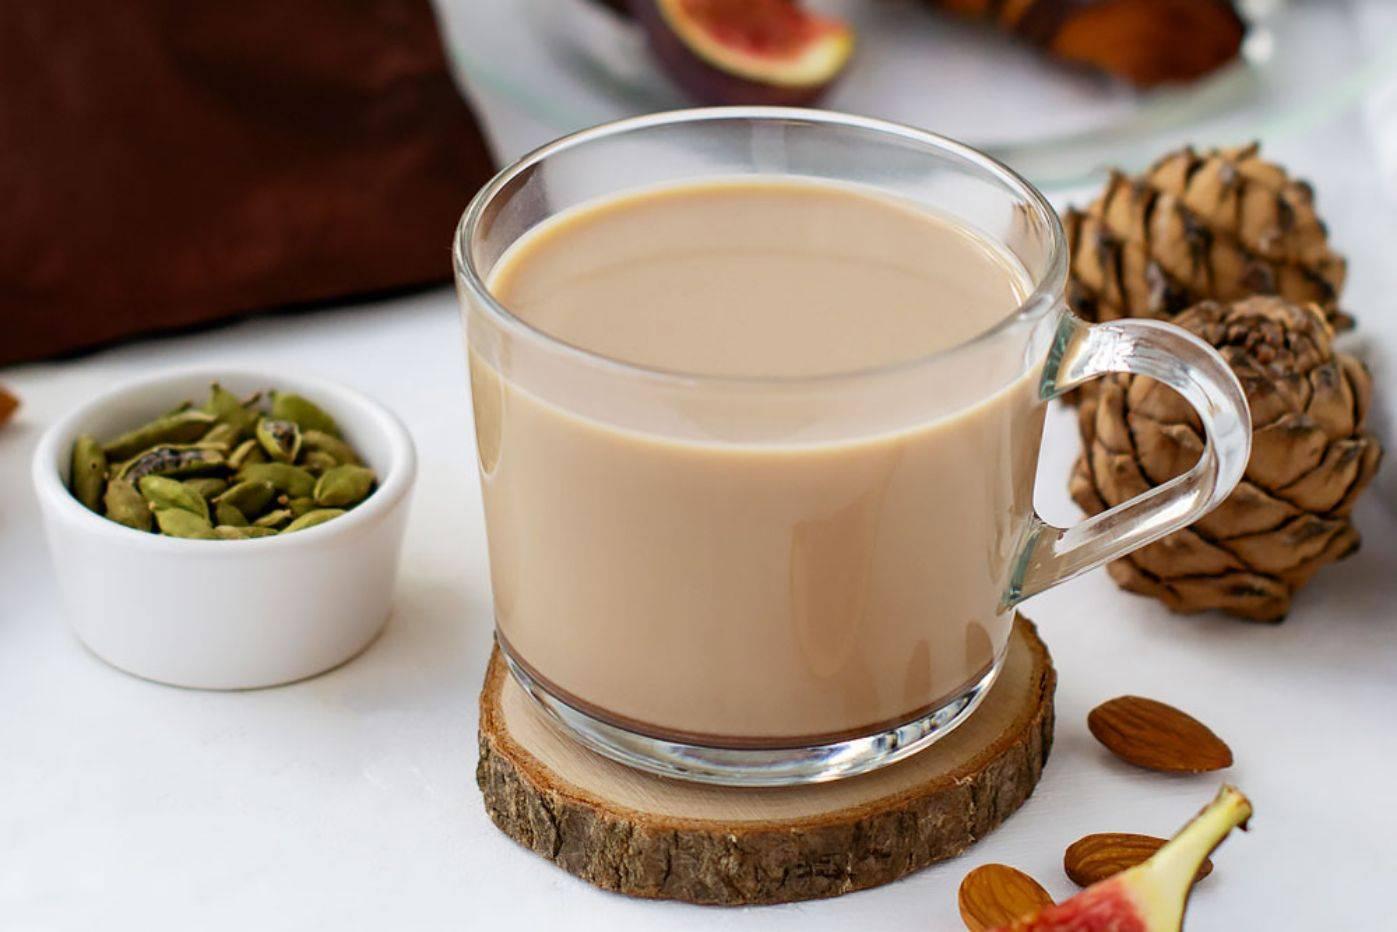 Кофе с кардамоном польза и вред. рецепт  приготовления от пугачевой